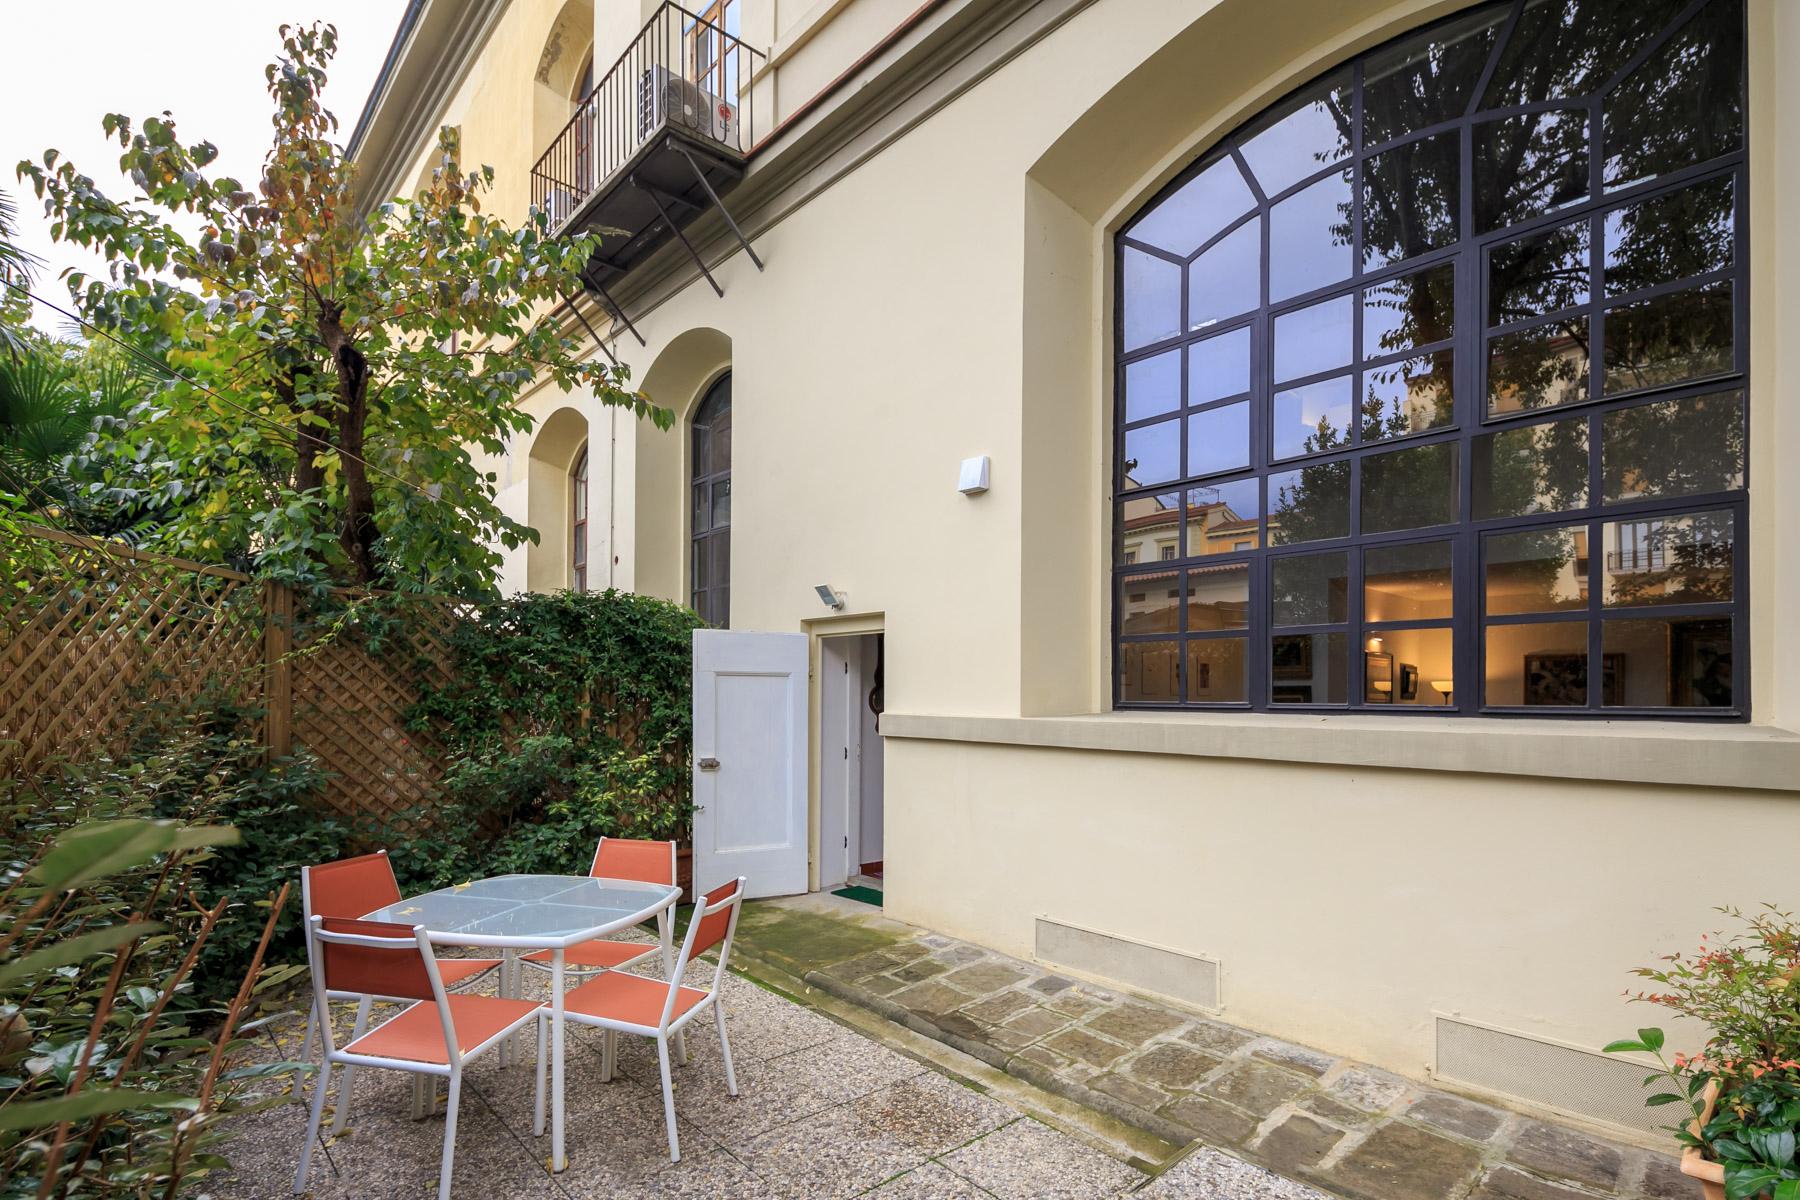 Appartamento in Vendita a Firenze: 4 locali, 149 mq